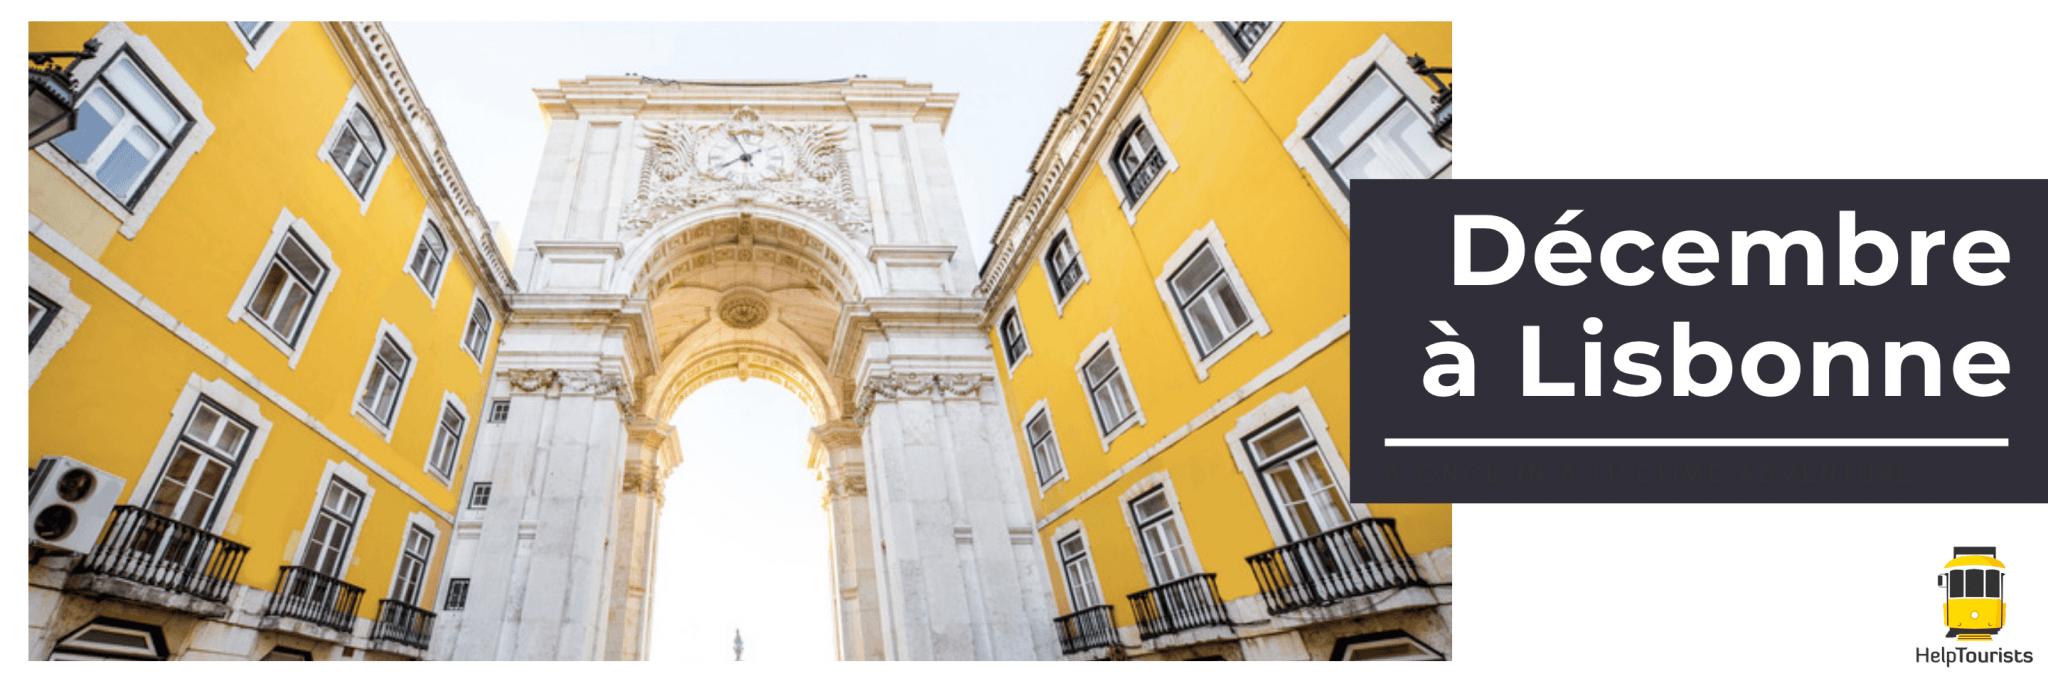 Décembre à Lisbonne